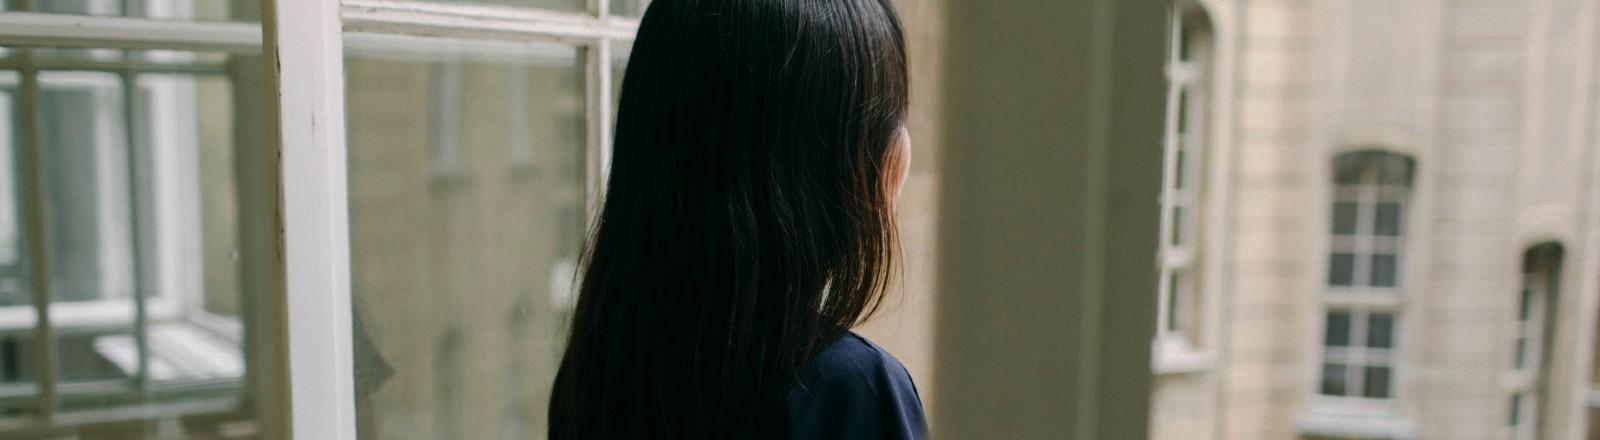 Eine Frau steht an einem Fenster.